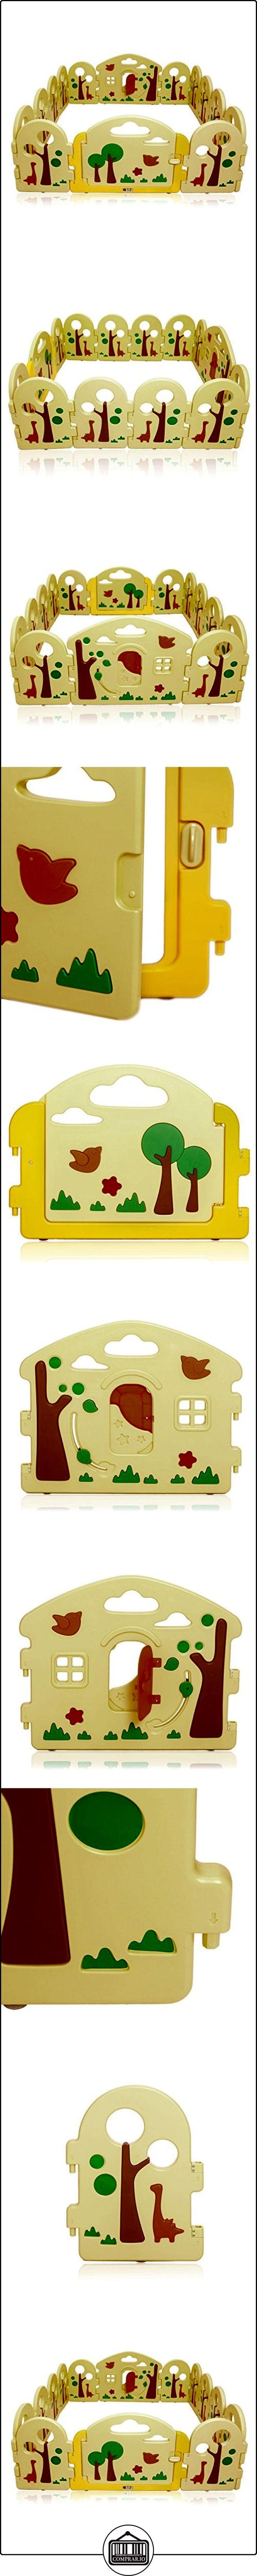 BABY VIVO Parque corralito plegable puerta robusto plastico bebe barrera de seguridad jugar Forest  ✿ Seguridad para tu bebé - (Protege a tus hijos) ✿ ▬► Ver oferta: http://comprar.io/goto/B06XCW6SGK